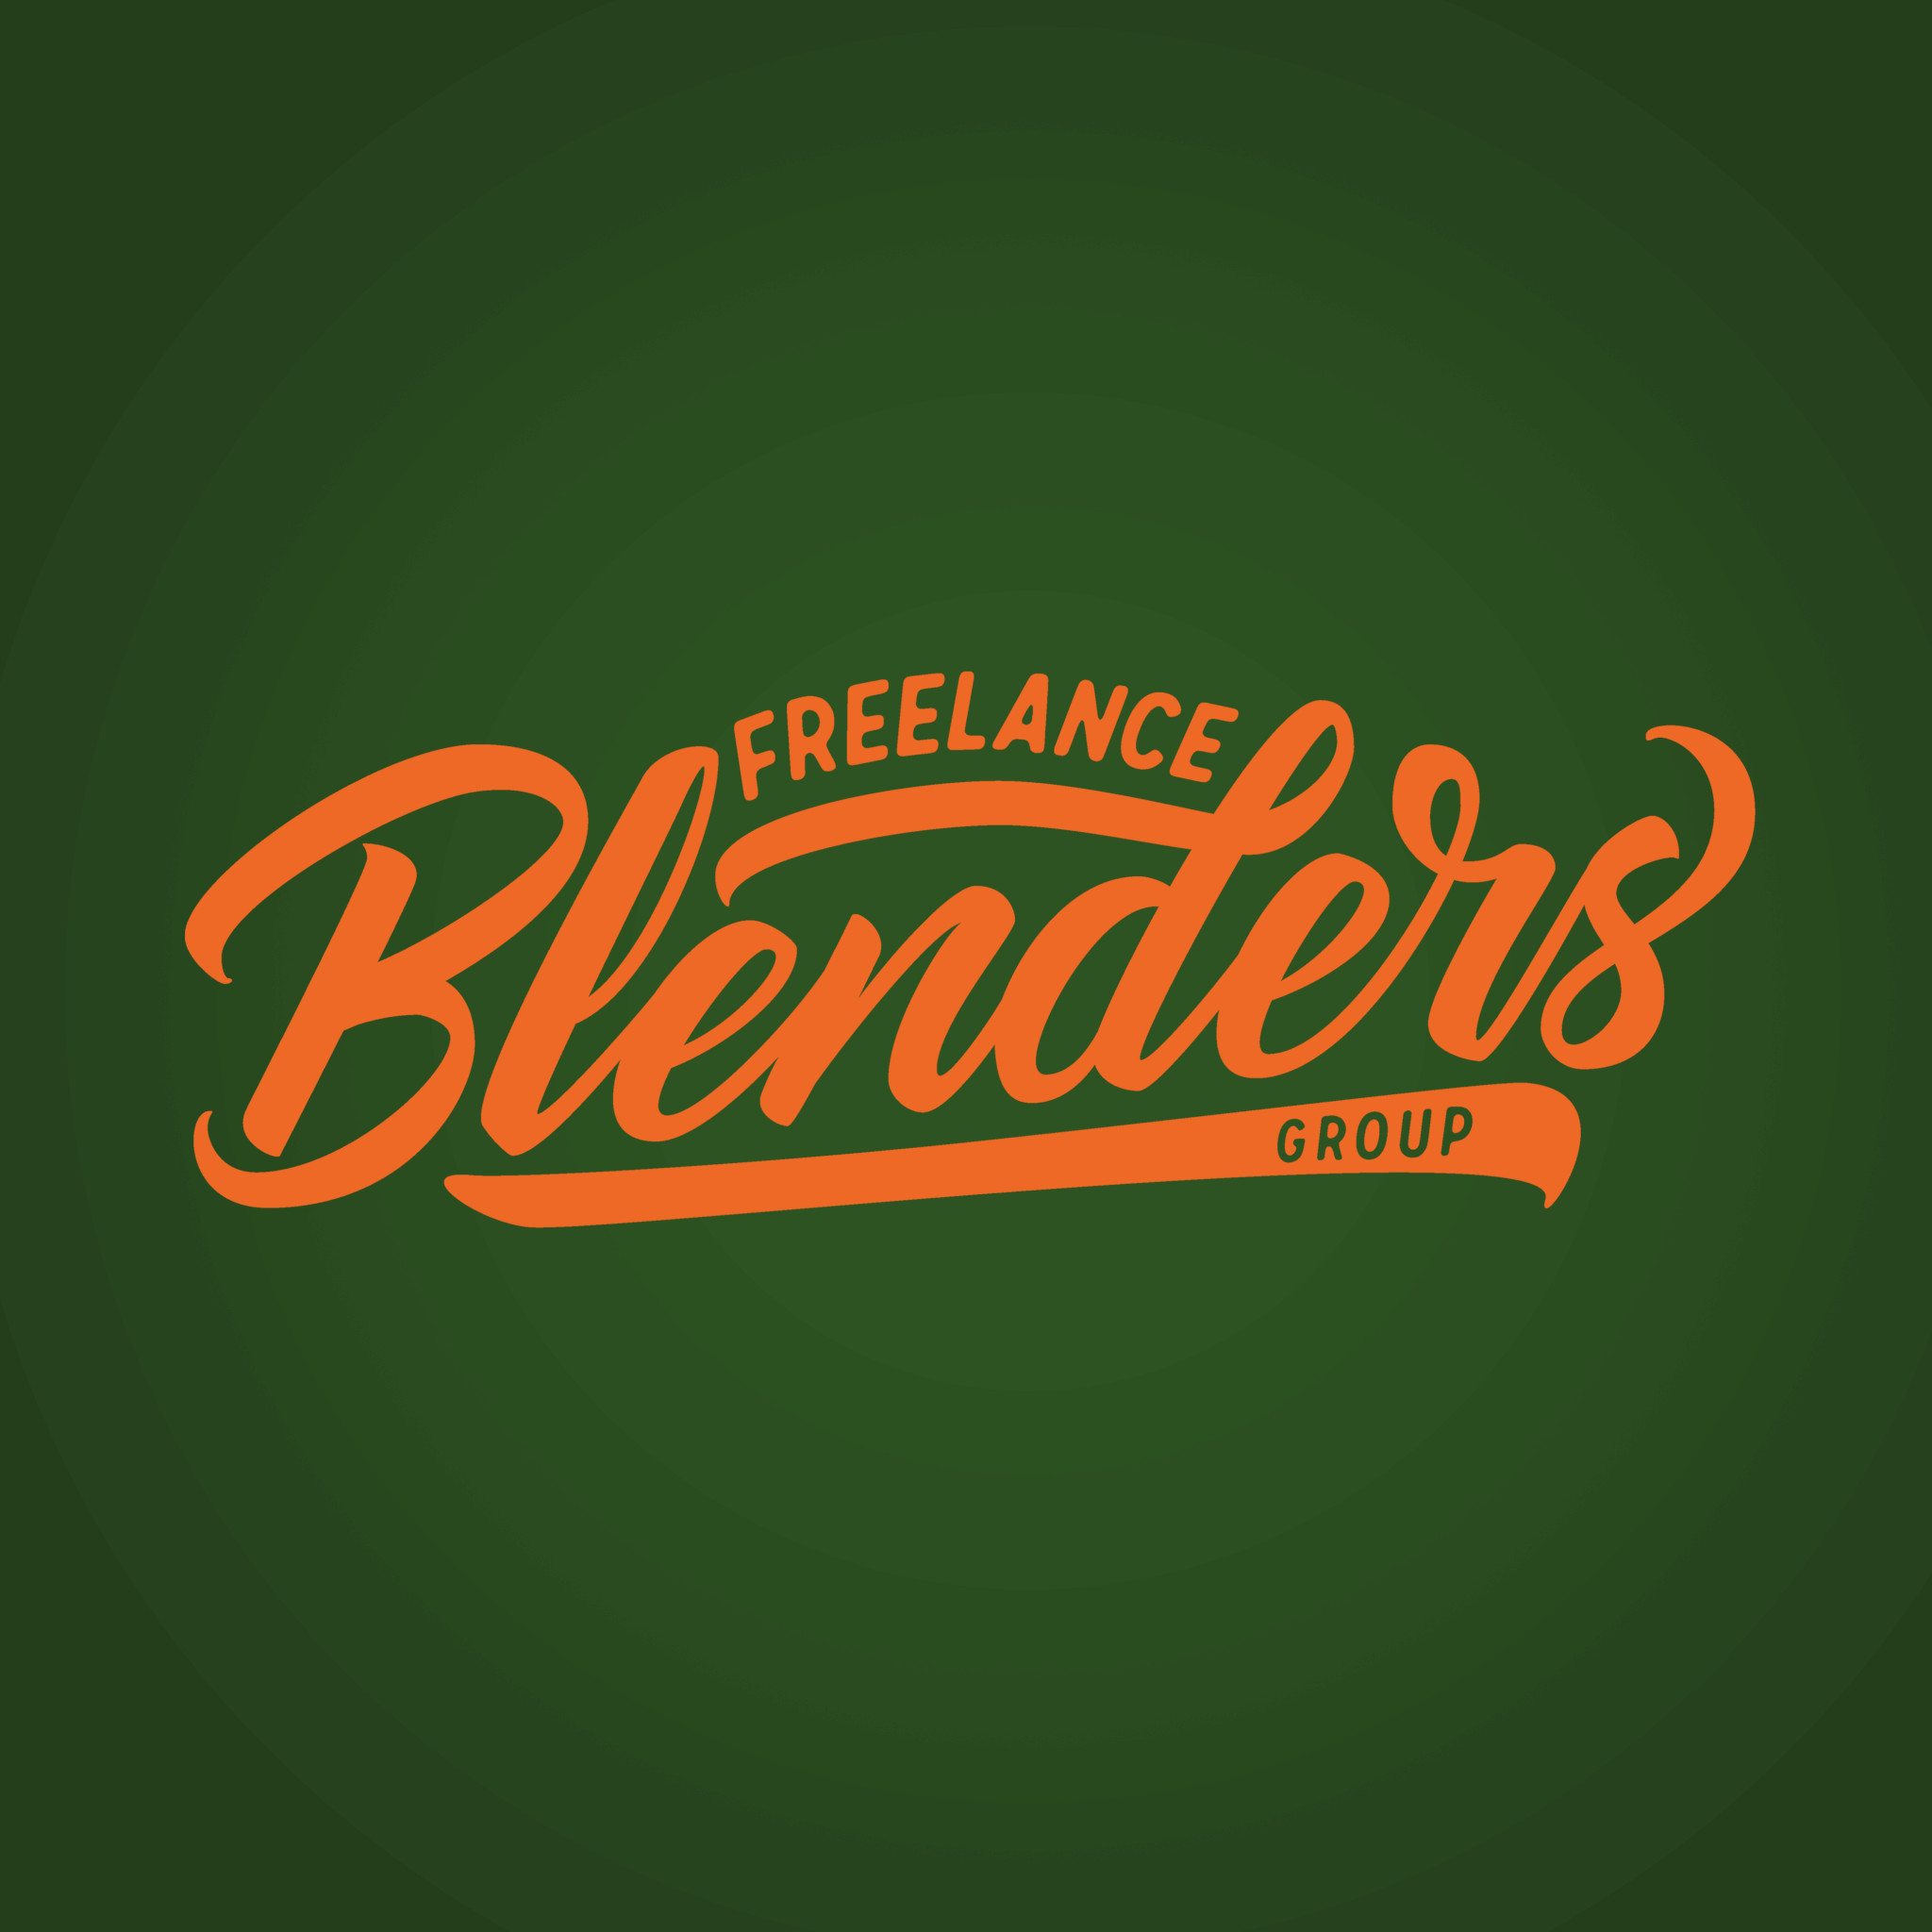 Freelance Blenders Group